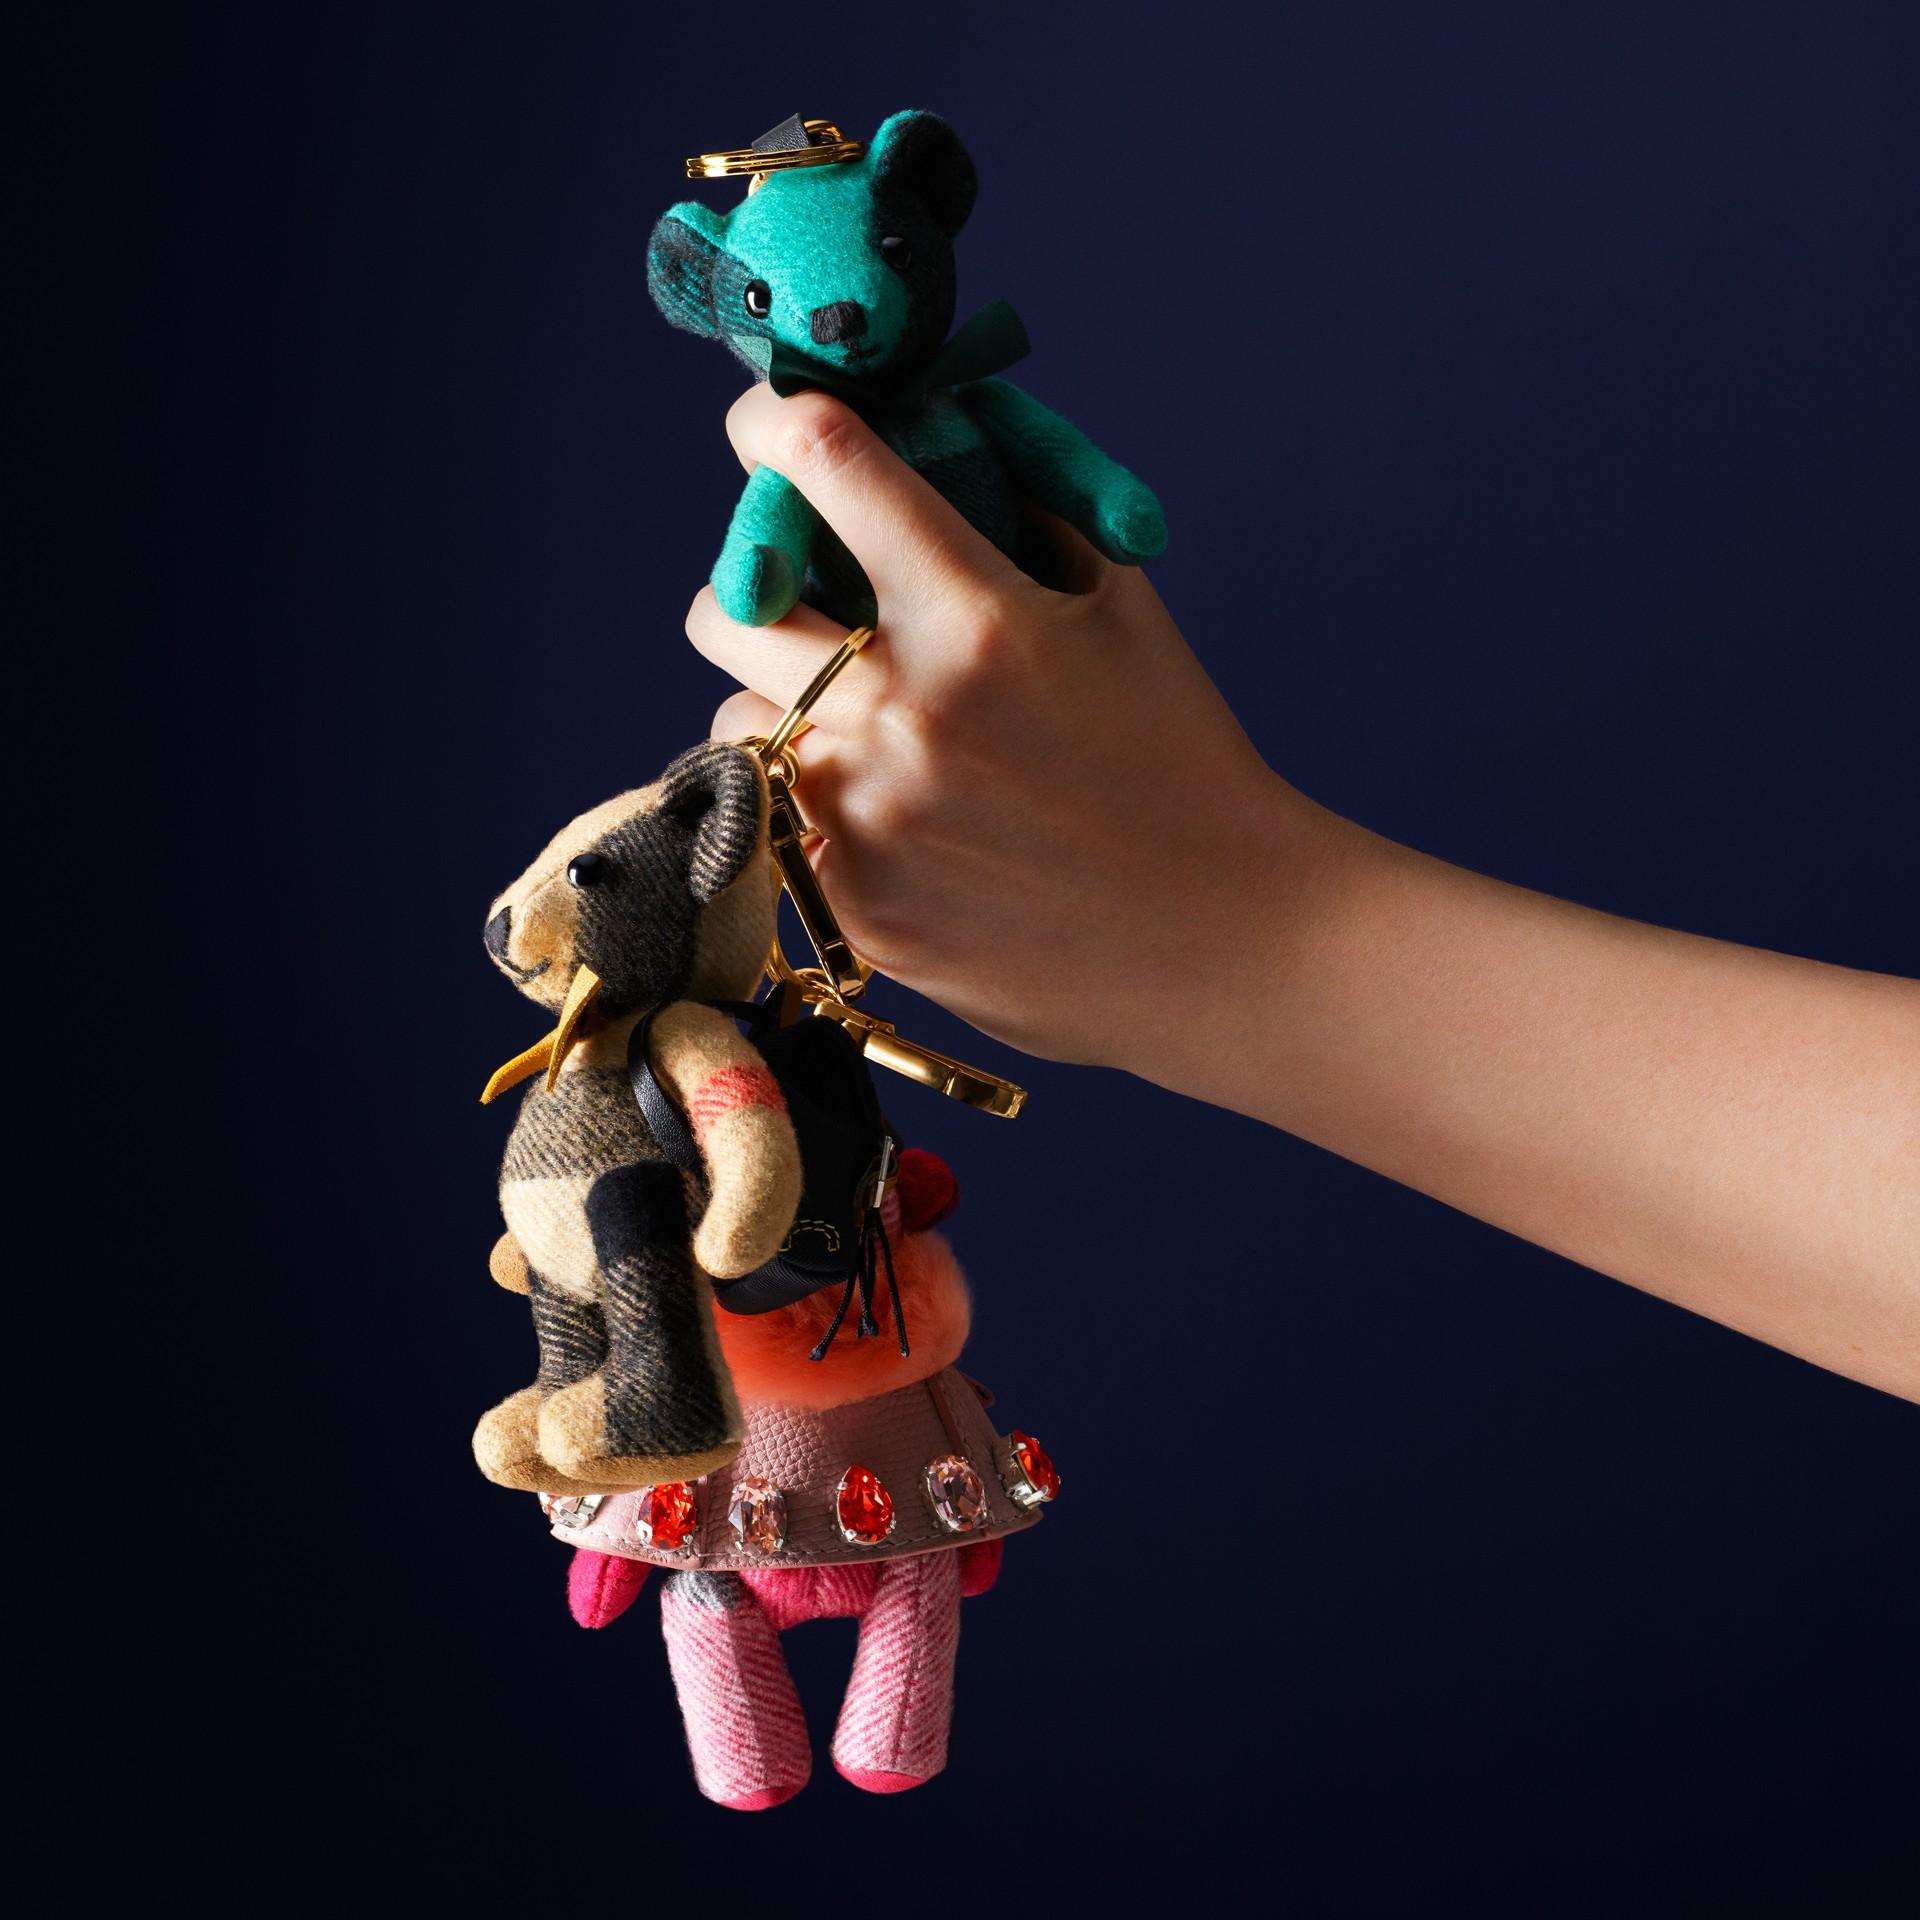 紫粉紅 Thomas 泰迪熊搭配披肩及水晶裝飾 紫粉紅 - 圖庫照片 5